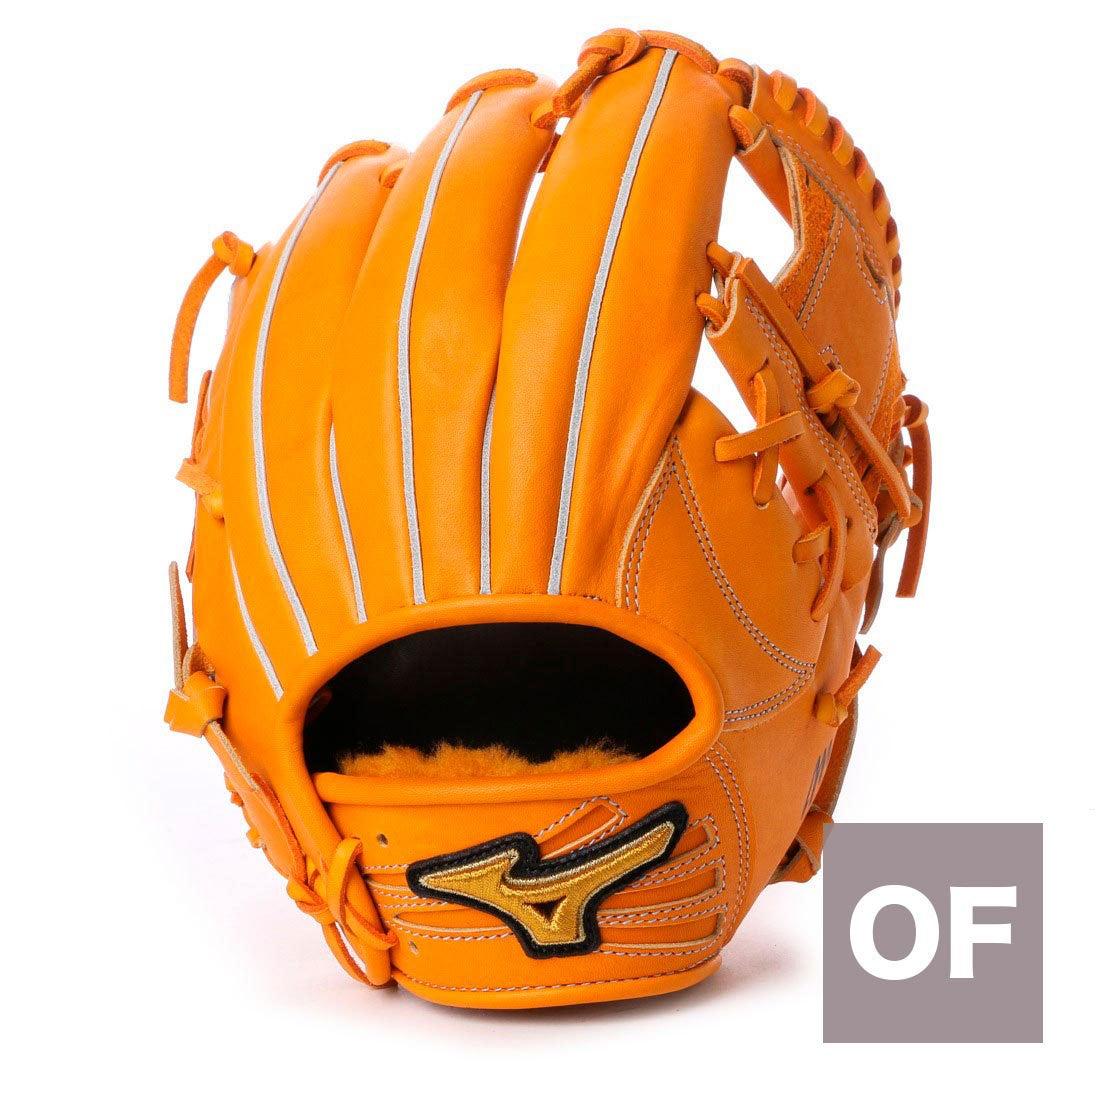 ミズノ MIZUNO BSS ユニセックス 硬式野球 野手用グラブ ミズノプロアンバサダーモデル坂本型 1AJGH98513 MZ14 (オレンジ)